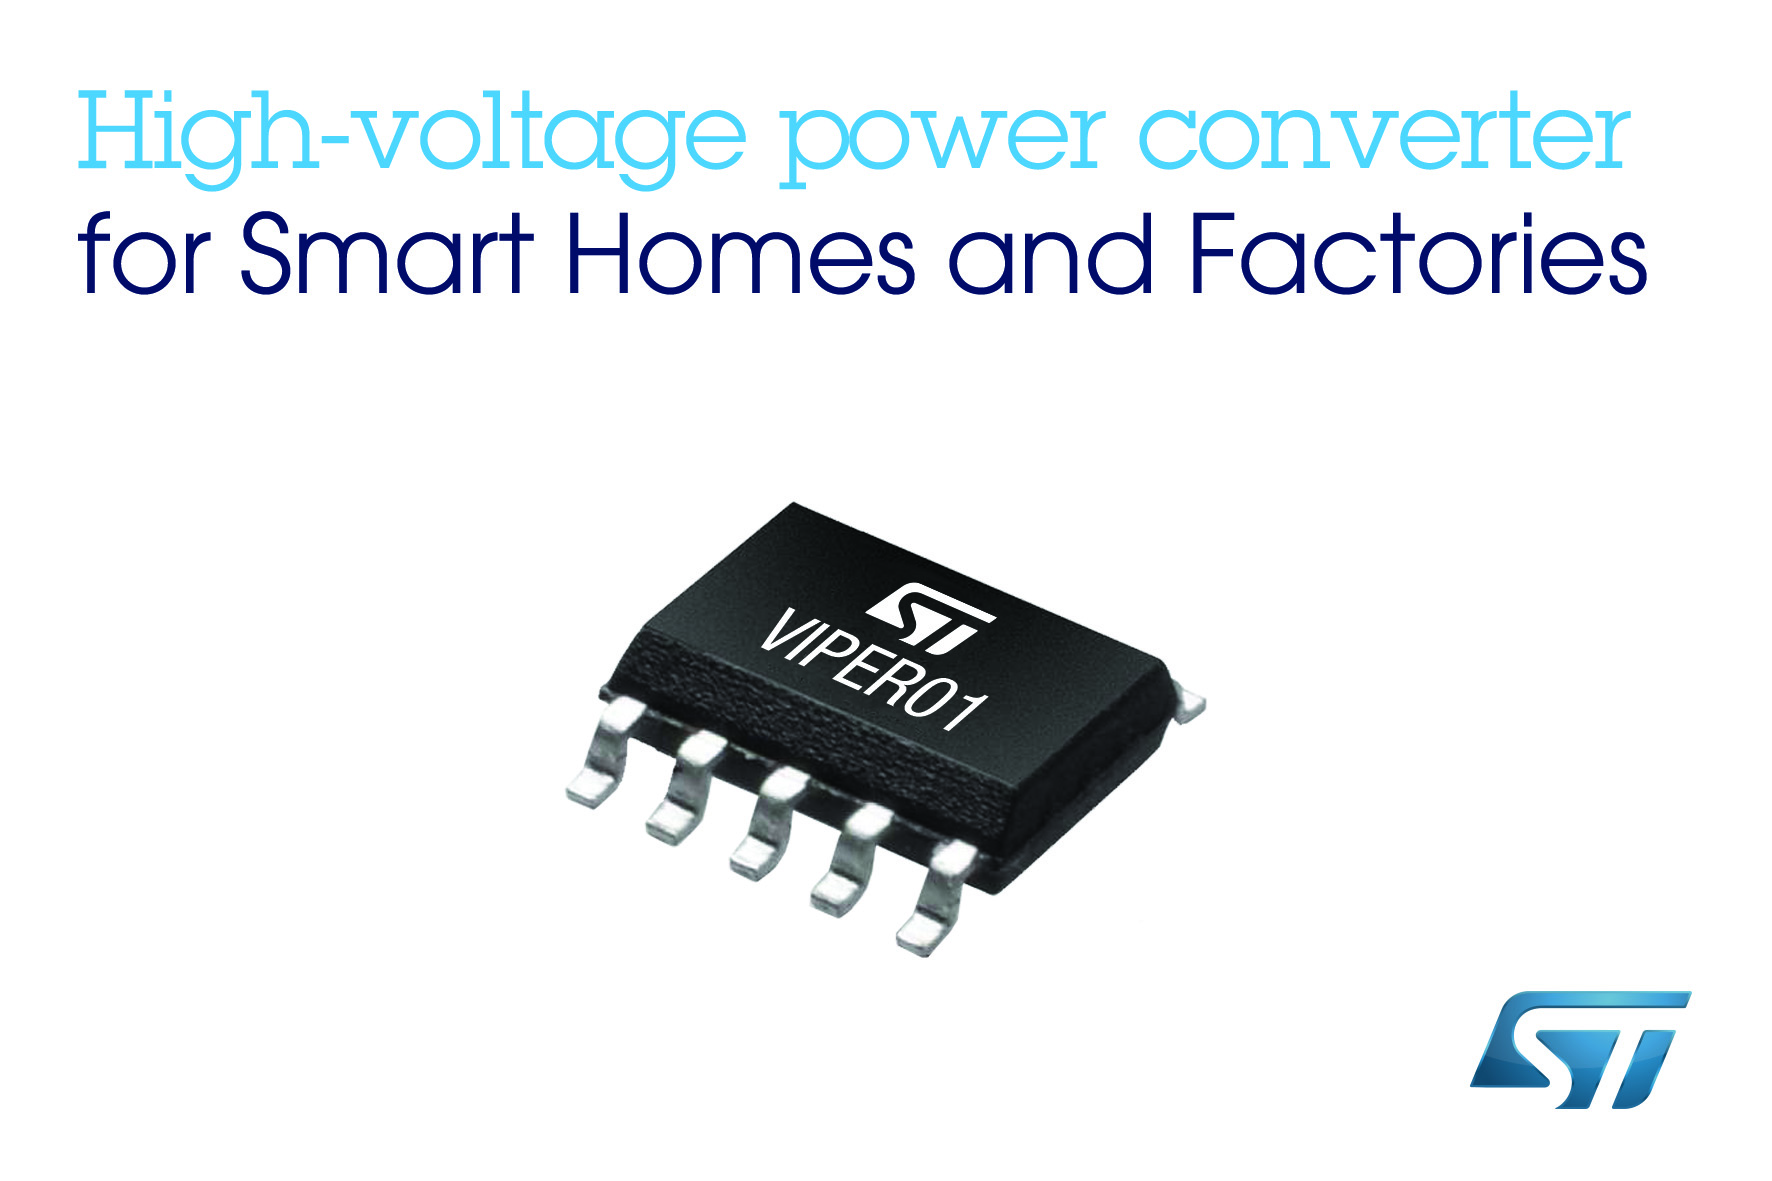 ST高壓轉換器讓智能家居和工業用電源實現超低功耗